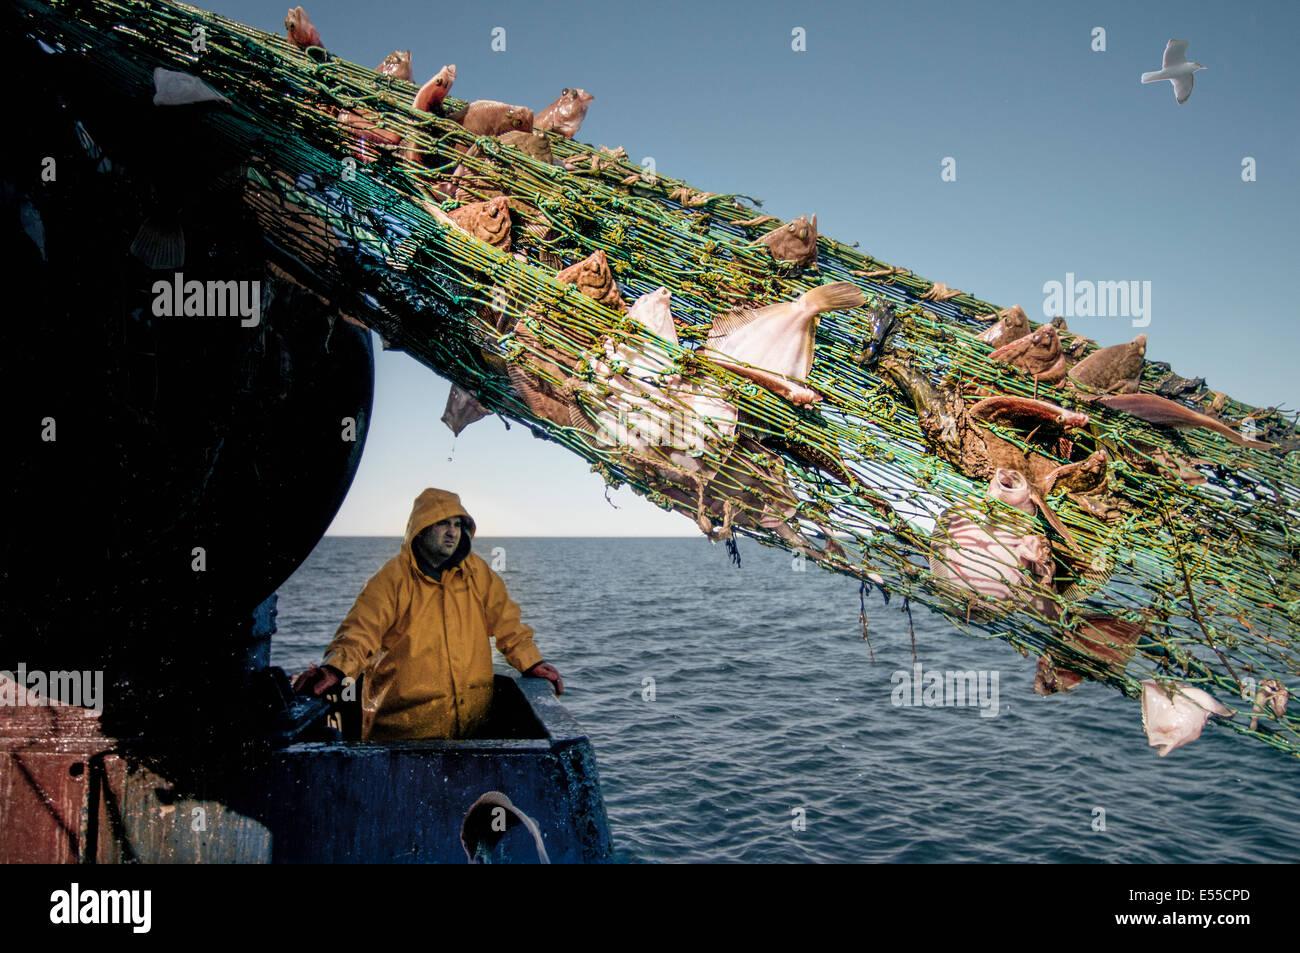 Acarreo de pescador vuelta dragger net sobre la pesca de arrastre. Bancos Stellwagen, Nueva Inglaterra, los Estados Unidos, el norte del Océano Atlántico. Foto de stock